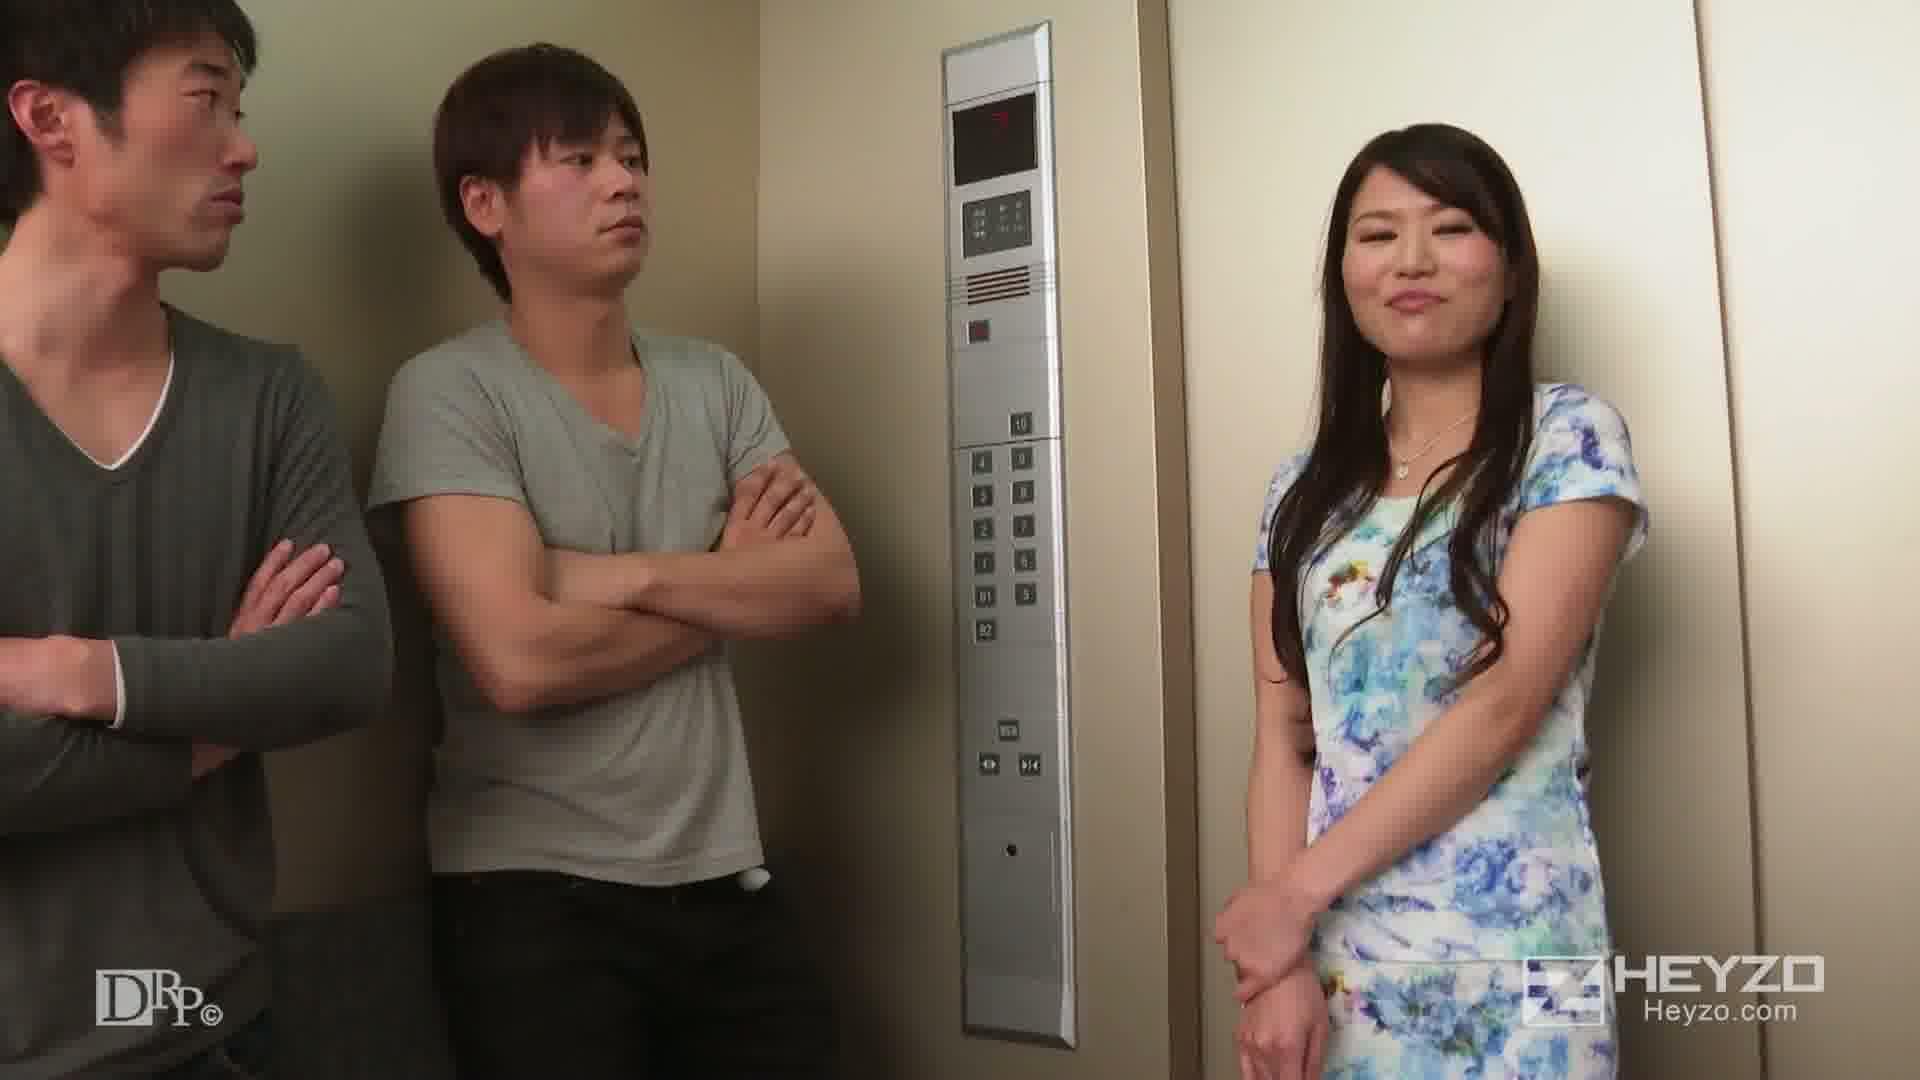 集団痴漢を受け入れてしまう淫乱若妻~エレベーターの中で。。。~ - 中村奈菜【前振り 電マ ローター キス パンスト破り】